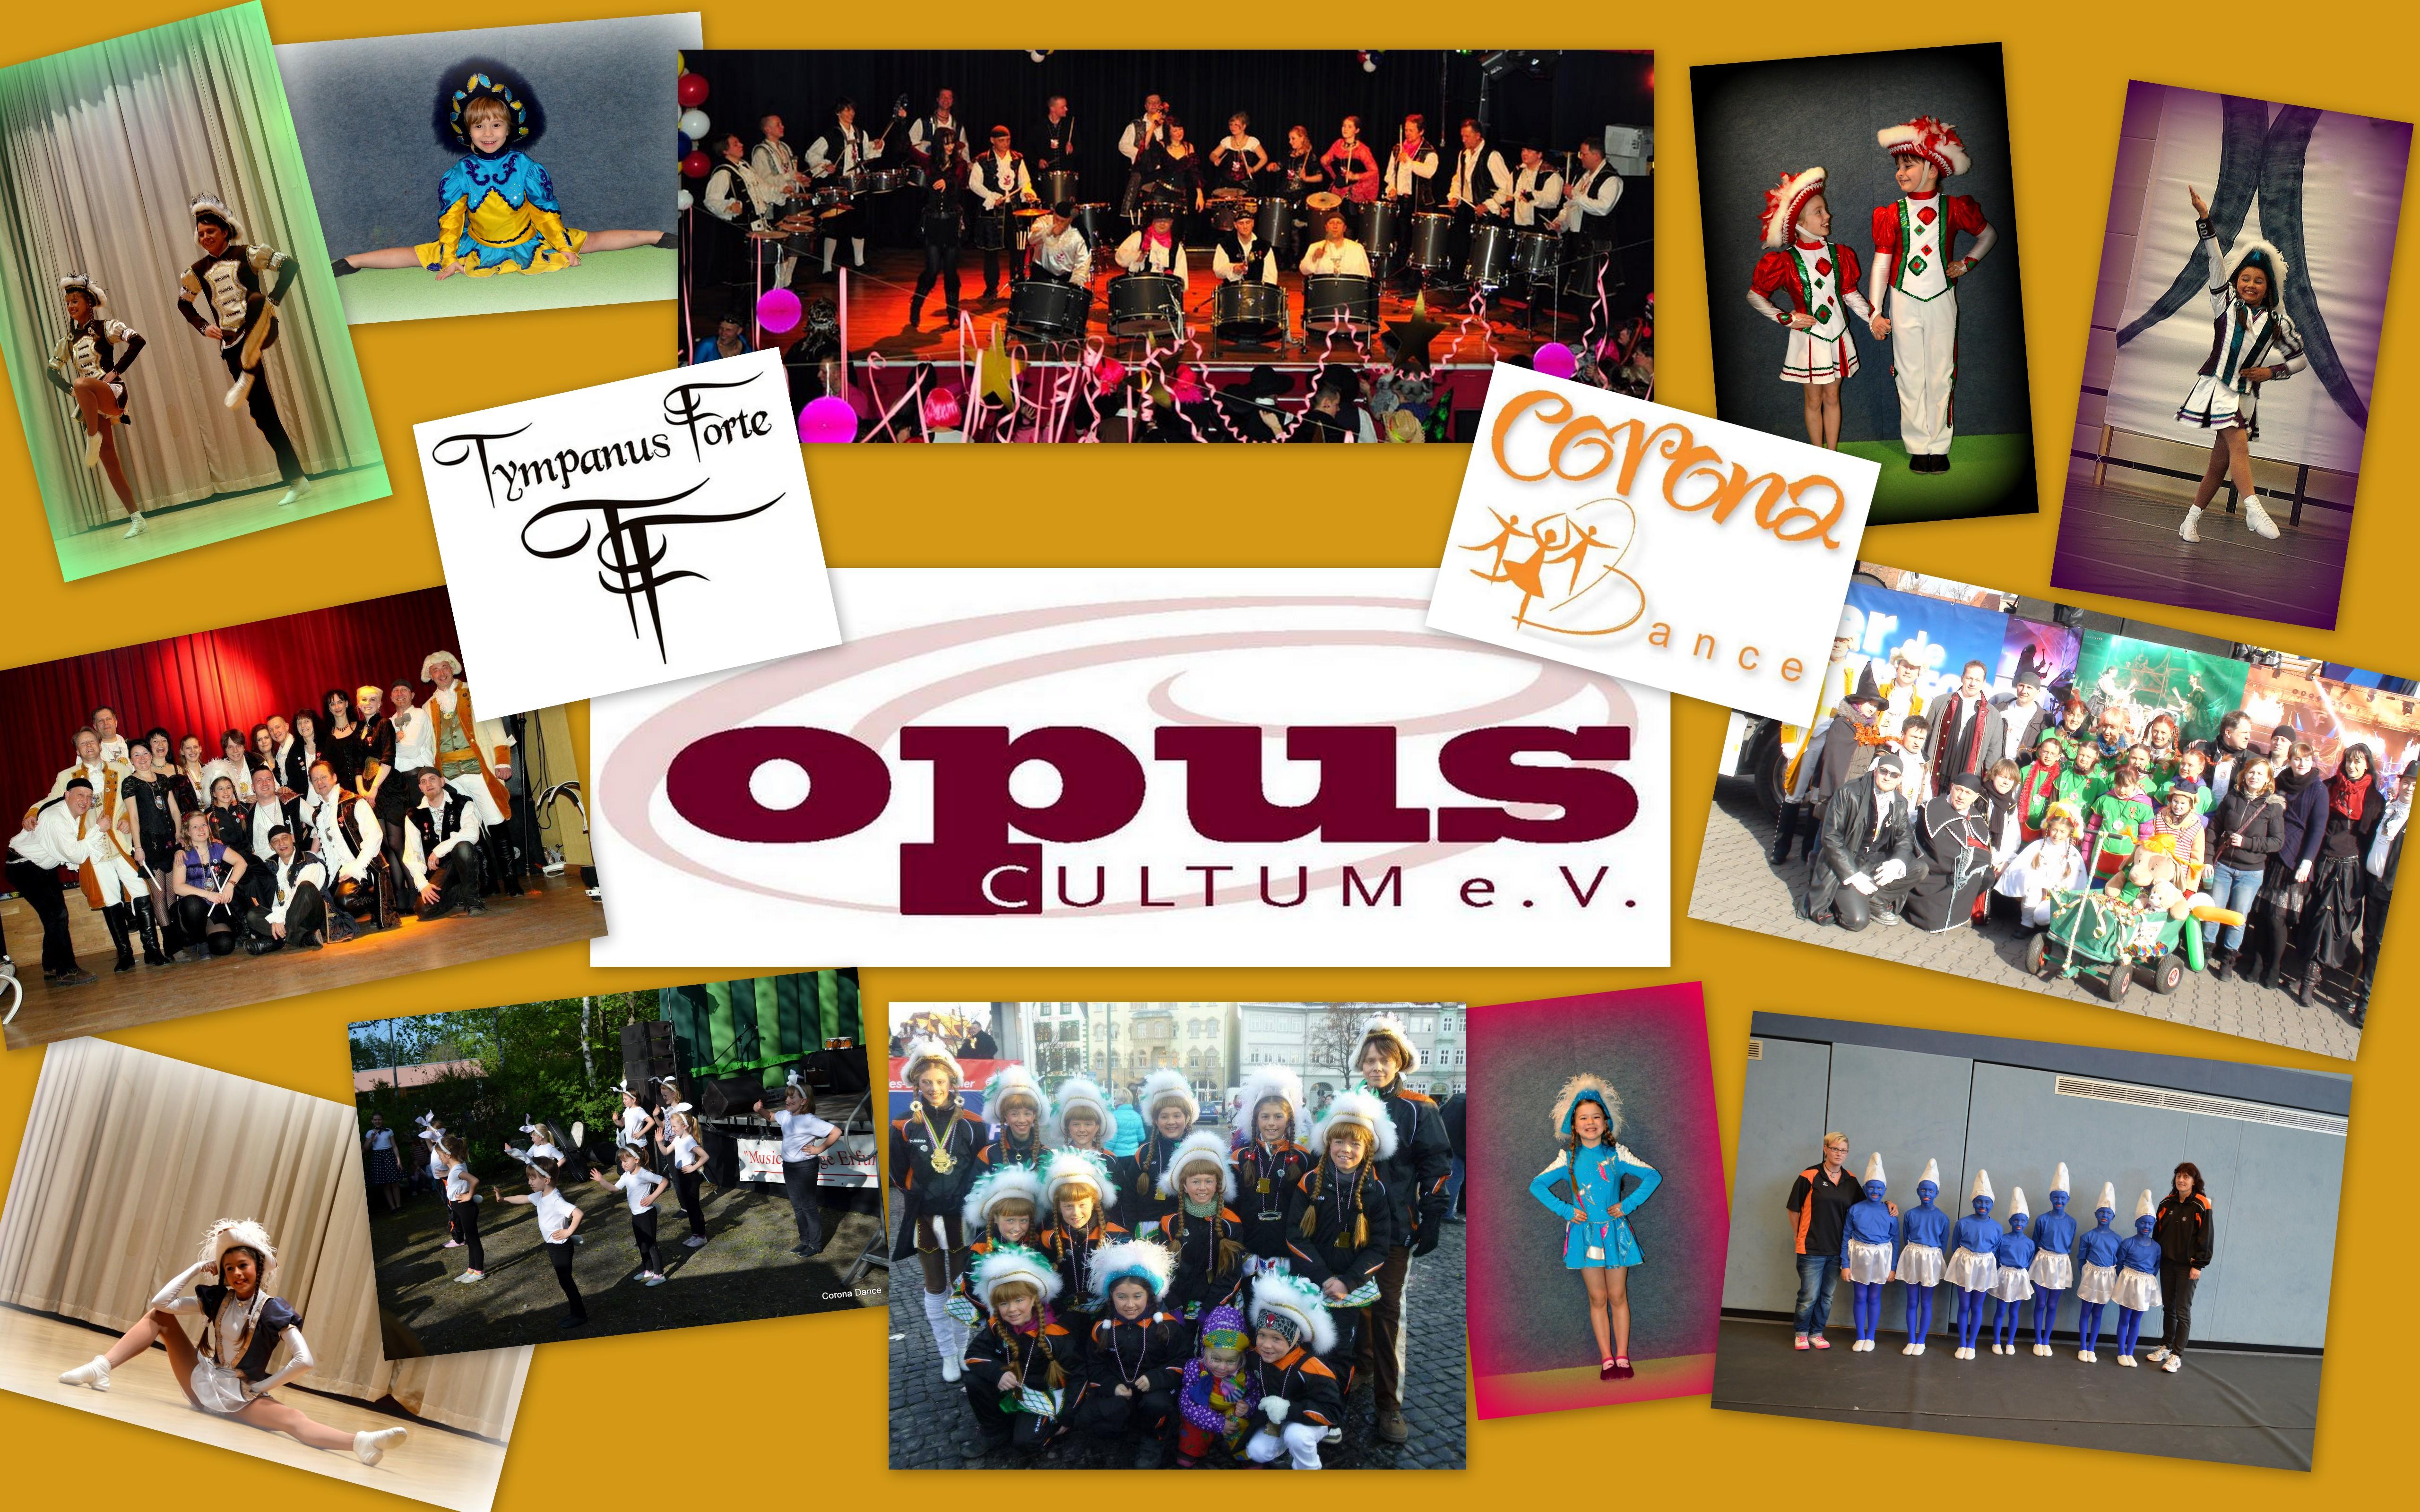 Opus Cultum